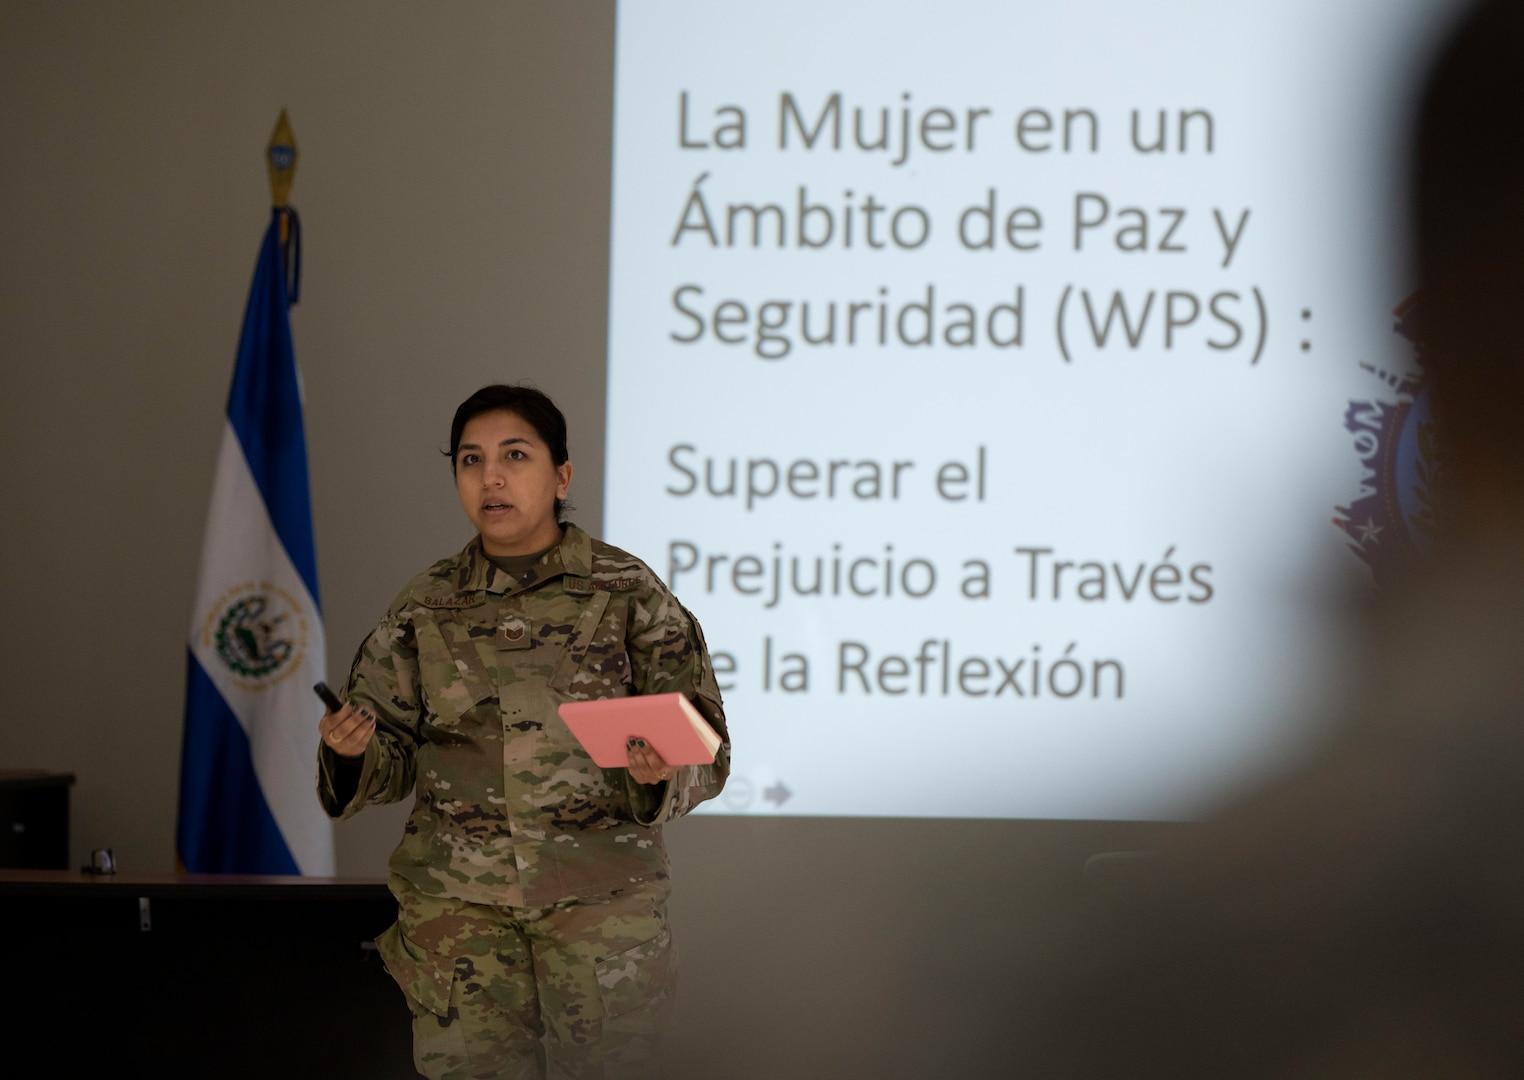 571 MSAS launches inaugural WPS seminar in El Salvador